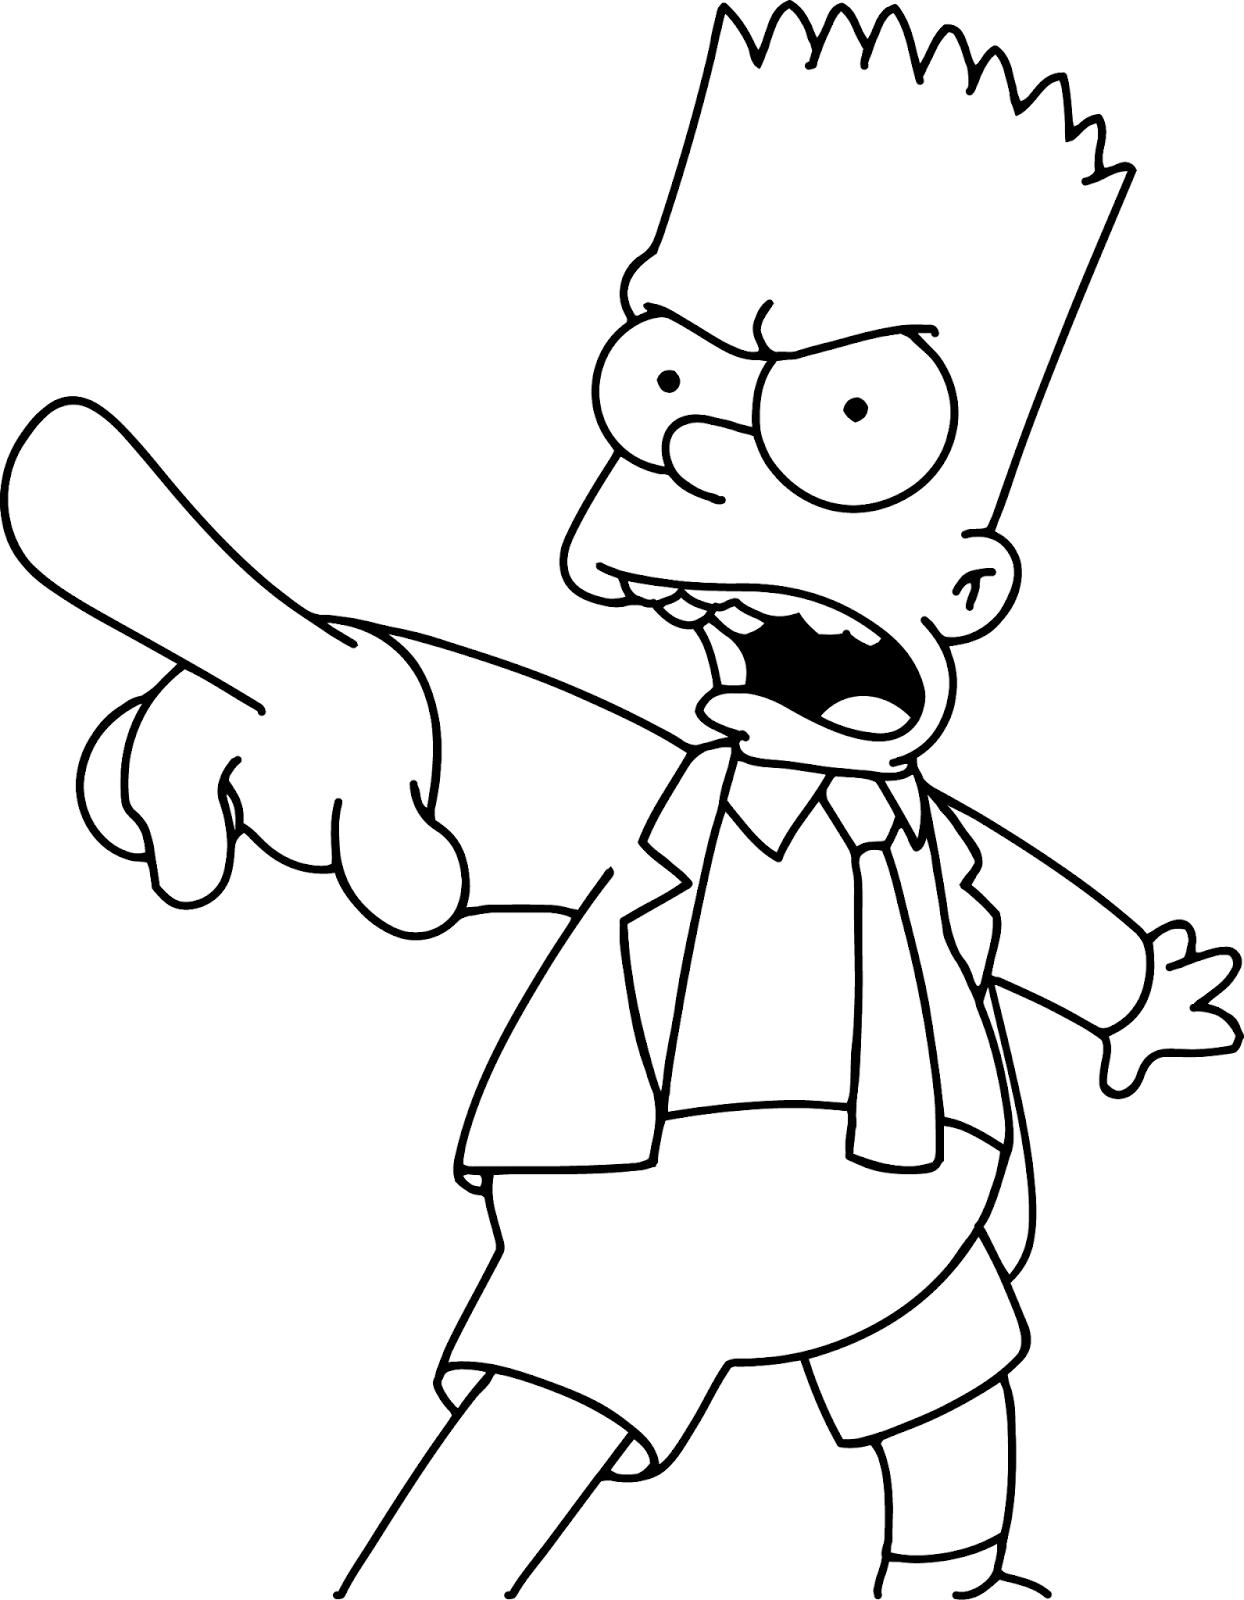 Симпсоны картинки черно белые